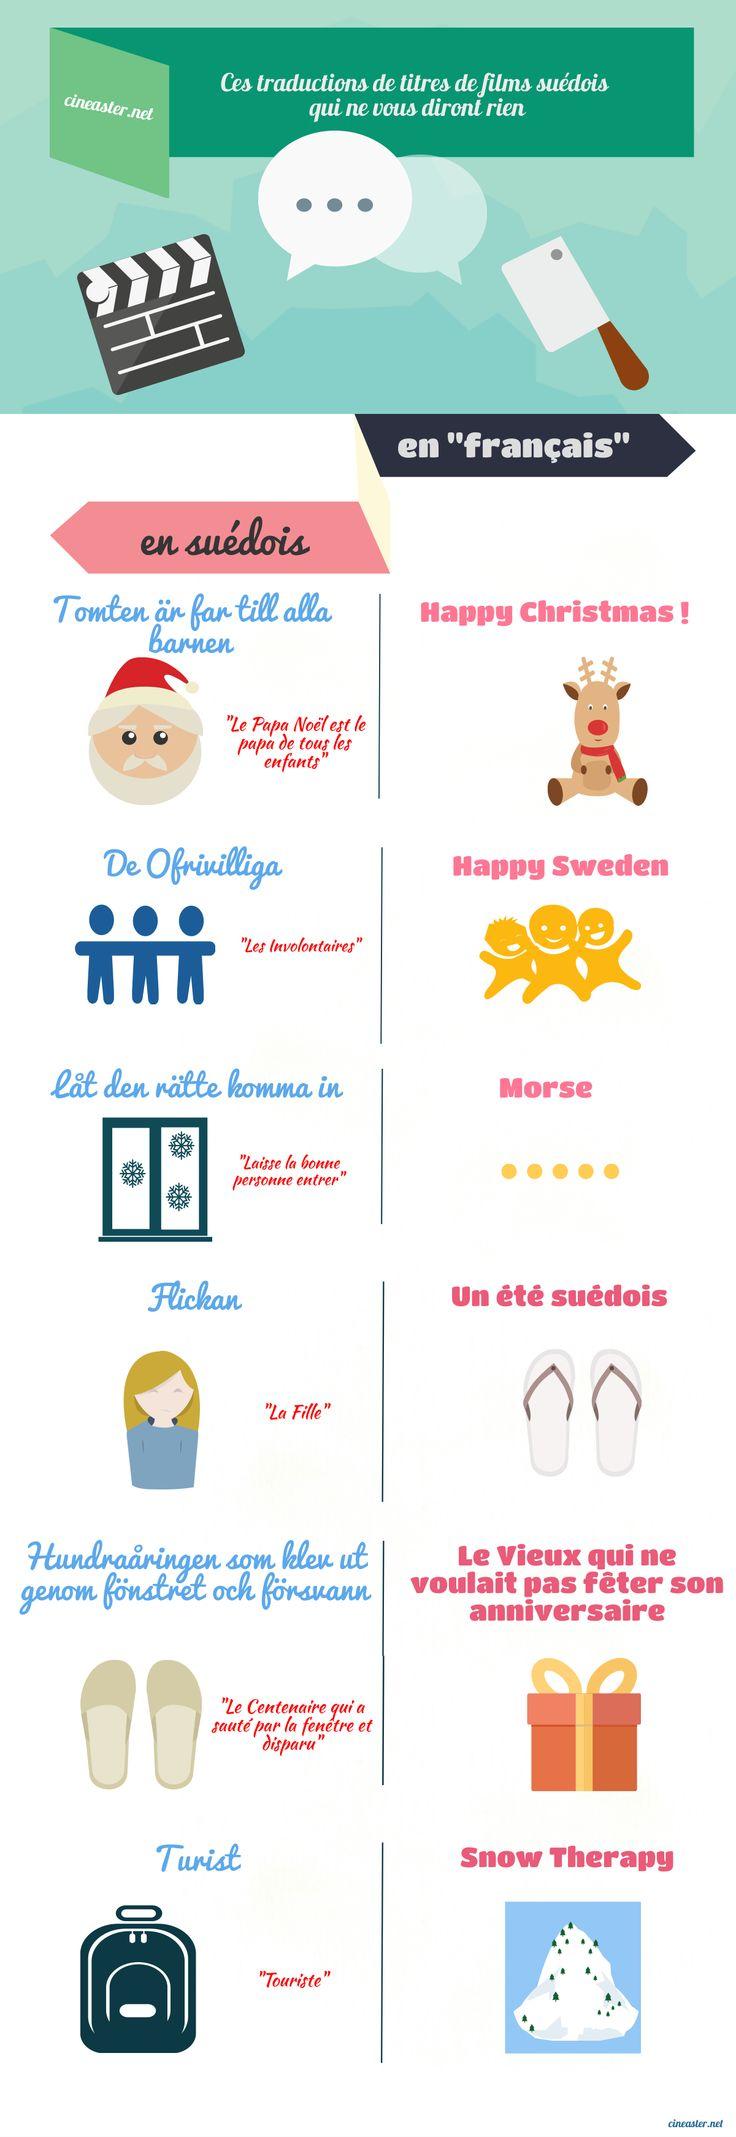 #infographie concernant quelques titres de #films #suédois sur le marché français http://www.cineaster.net/index.php/2015/01/11/quelques-traductions-de-titres-de-films-suedois-infographie/